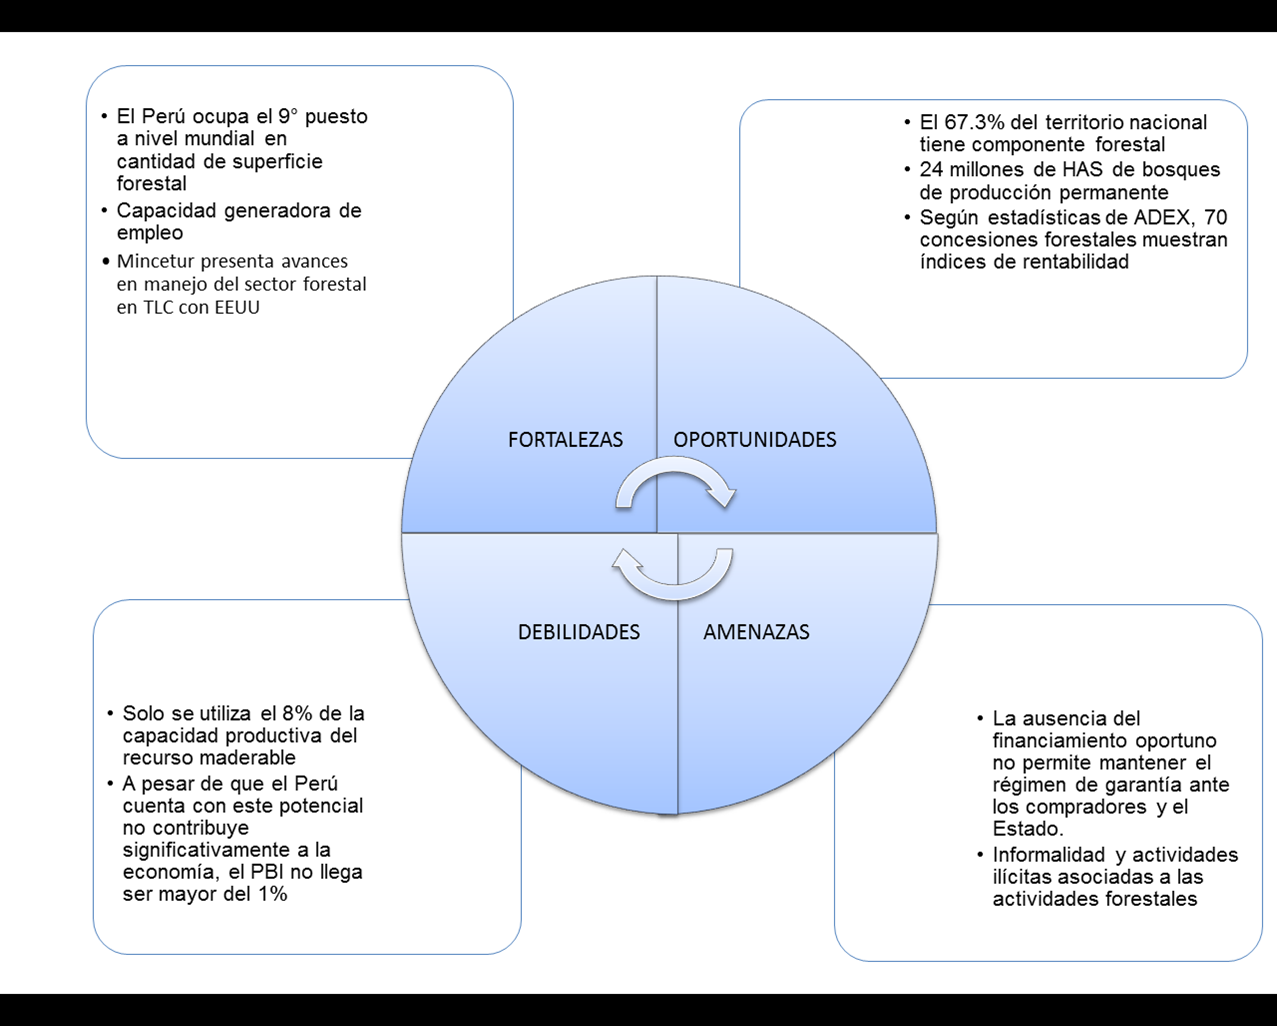 Agroforesta S A C Maderas Y Derivados # Analisis Dafo Muebles